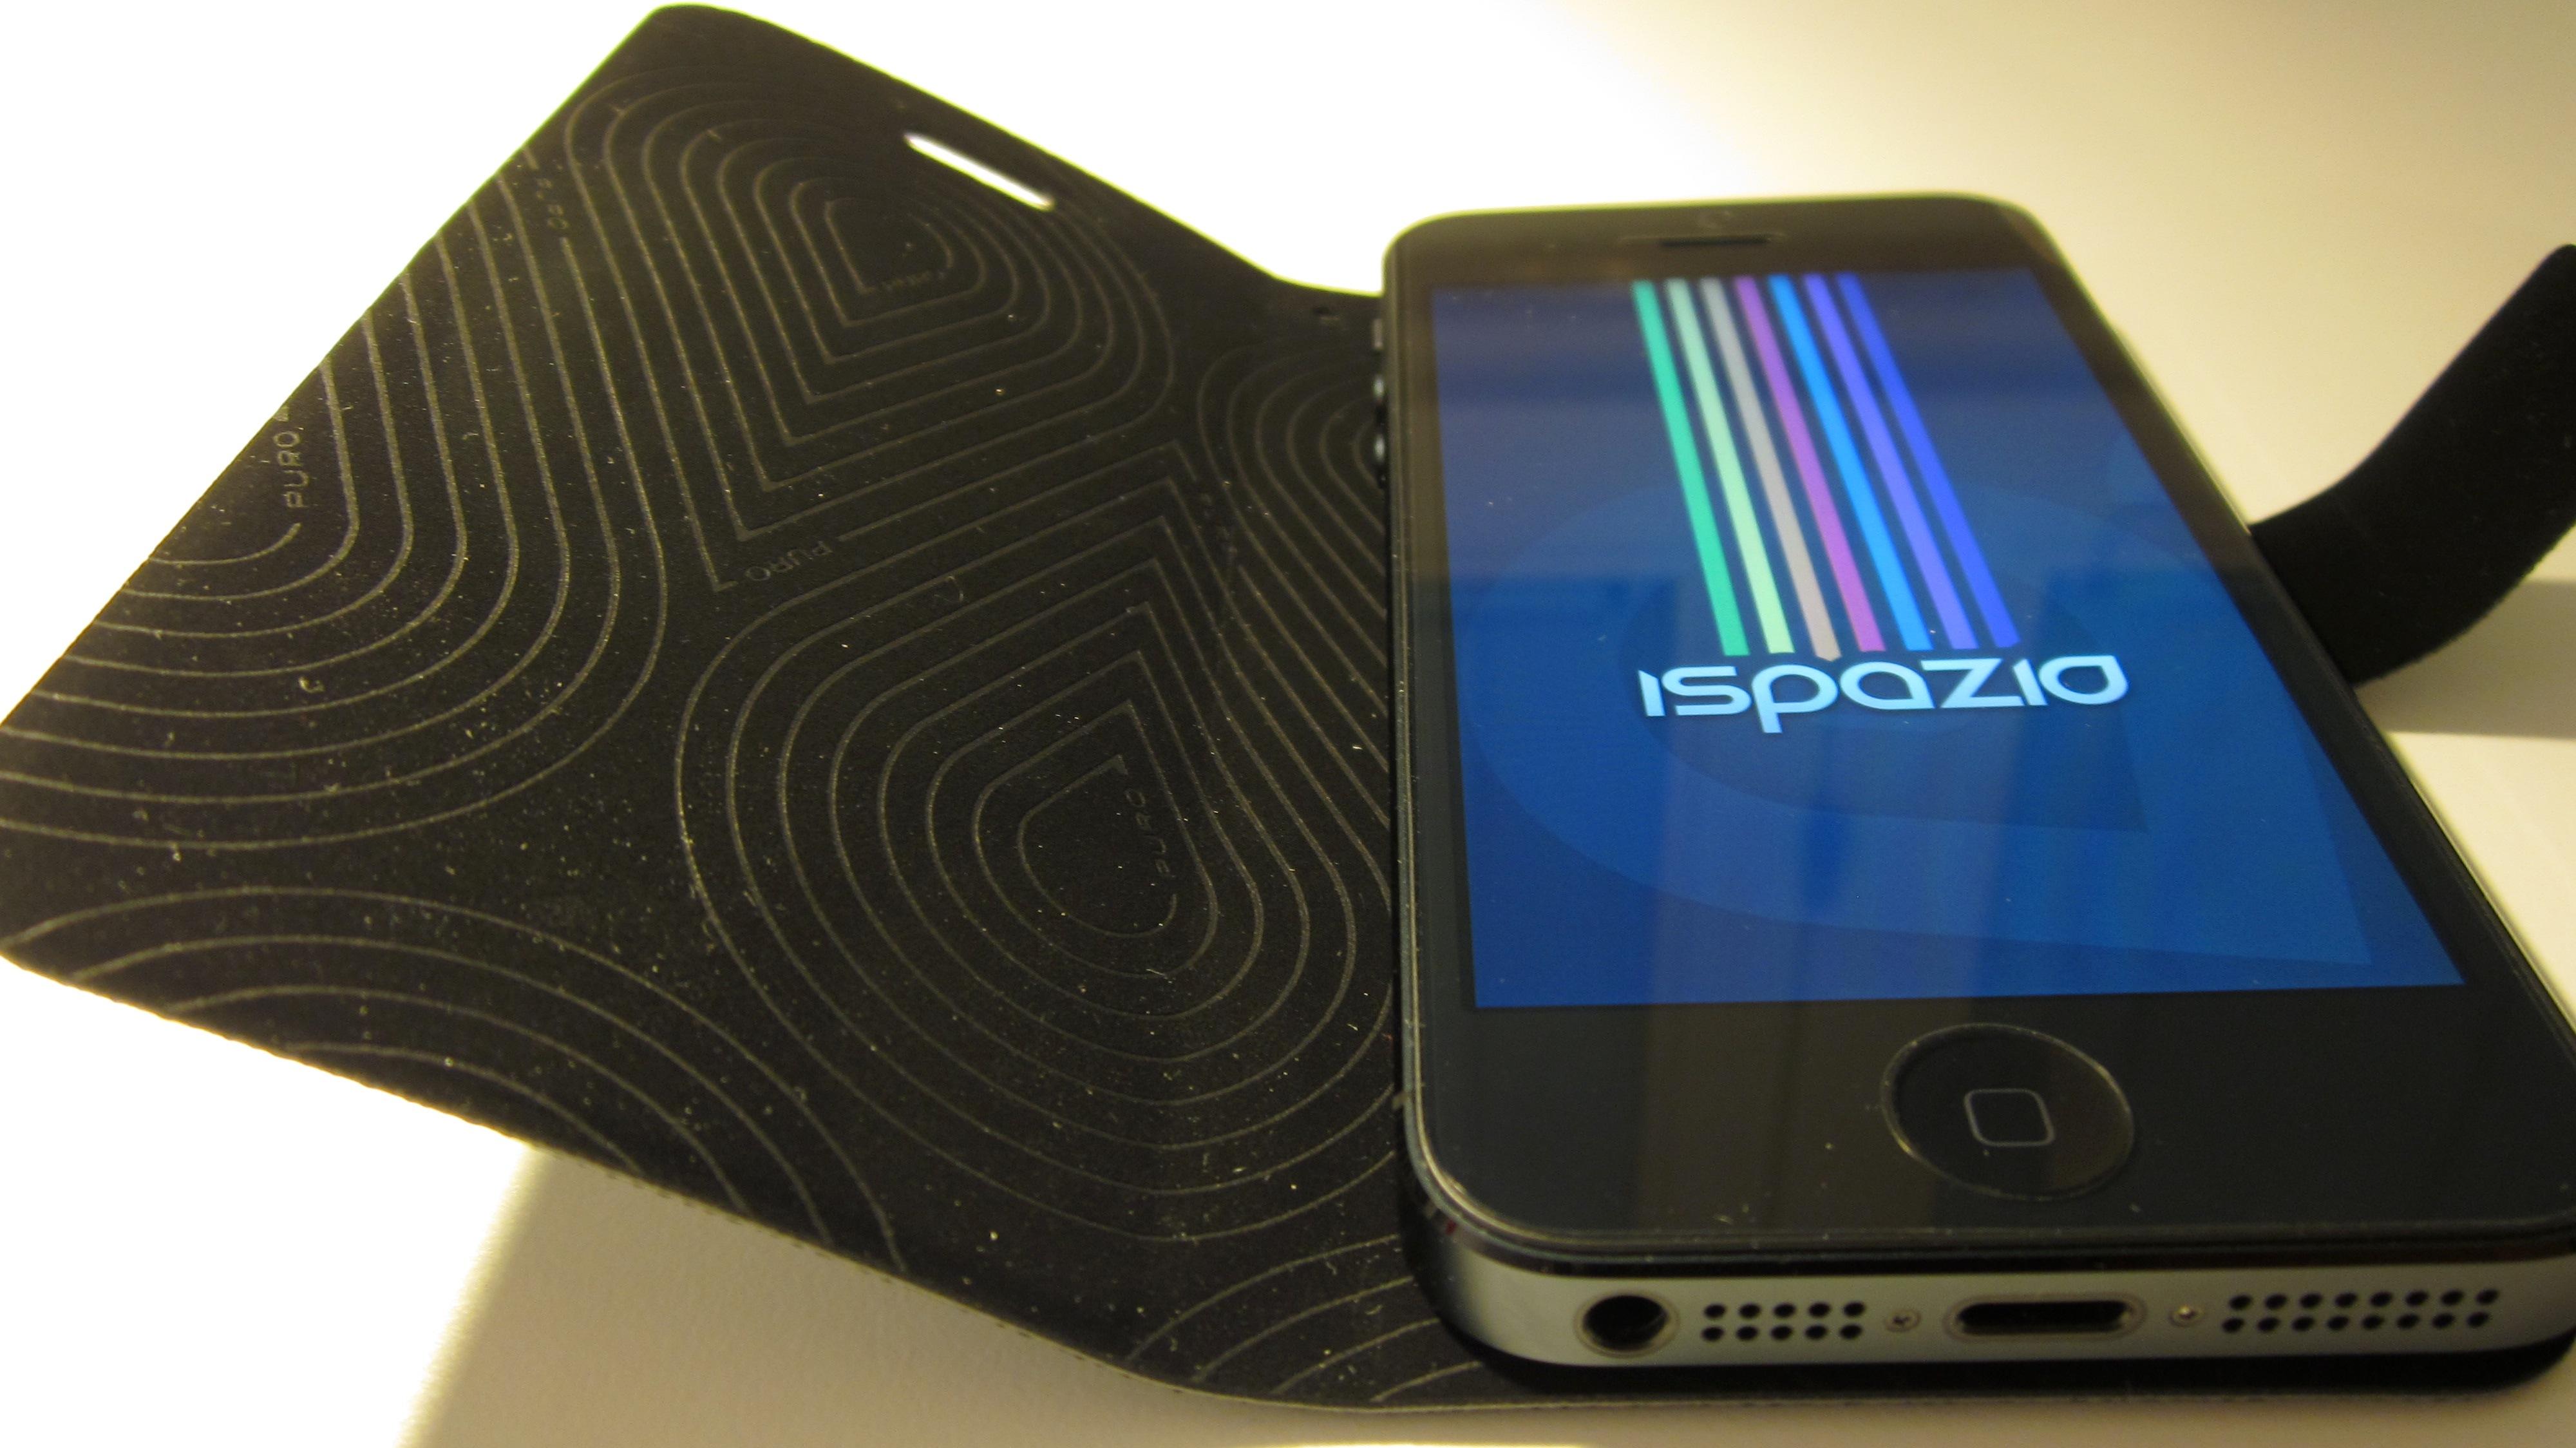 Proteggete il vostro iPhone 5 con le custodie Booklet Slim di Puro | iSpazio Product Review